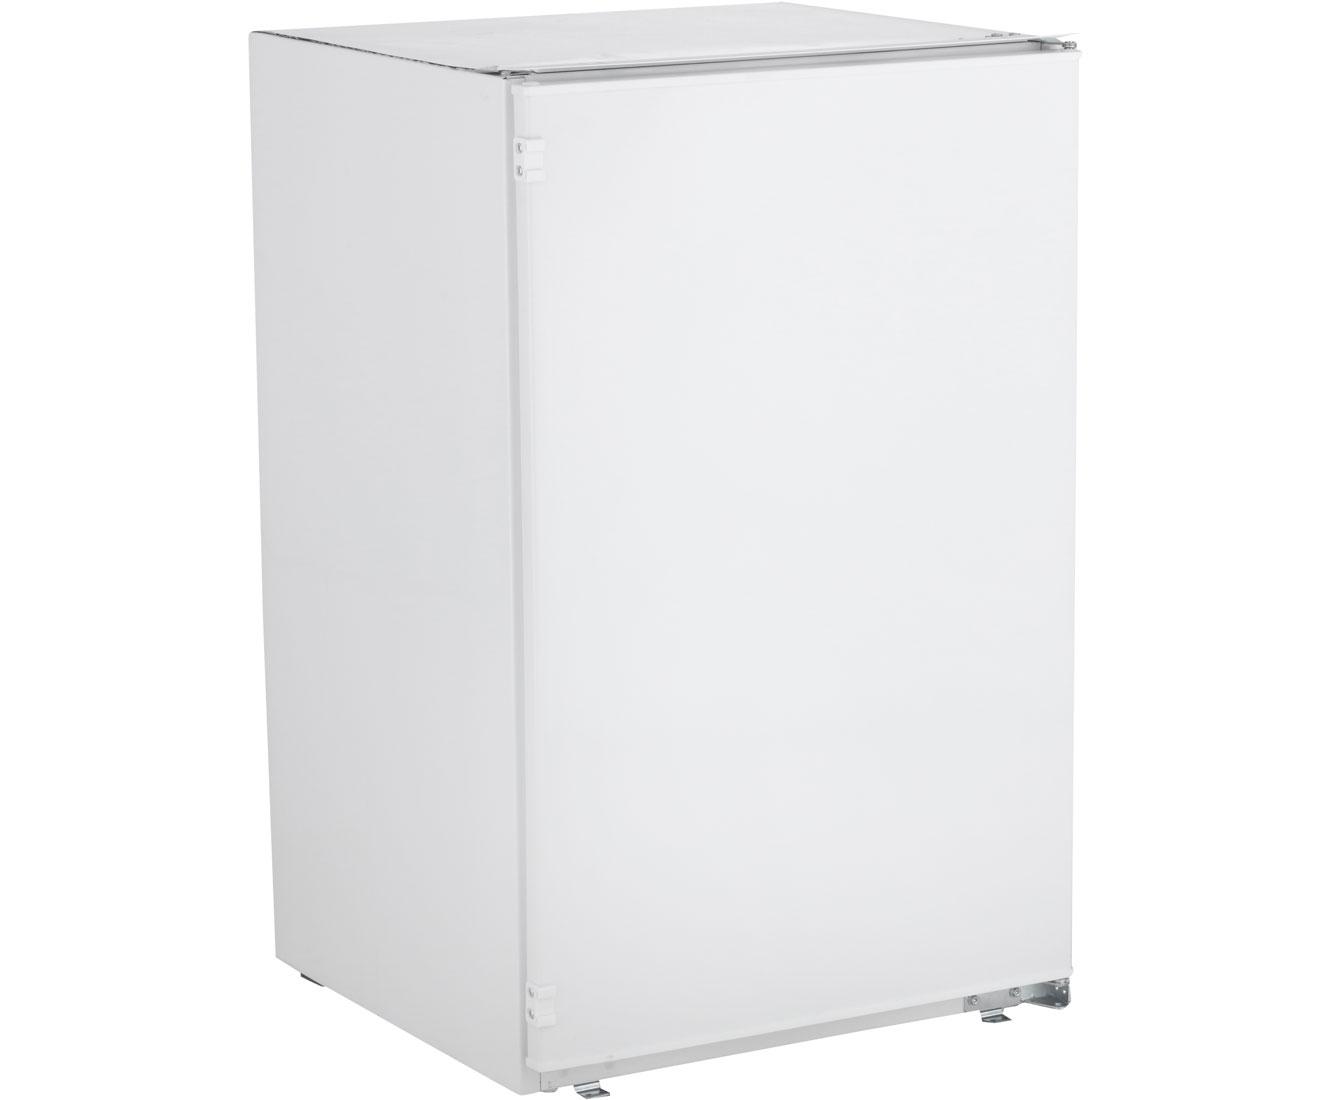 Amica Kühlschrank Preisvergleich : Amica eks einbau kühlschrank mit gefrierfach schlepptür